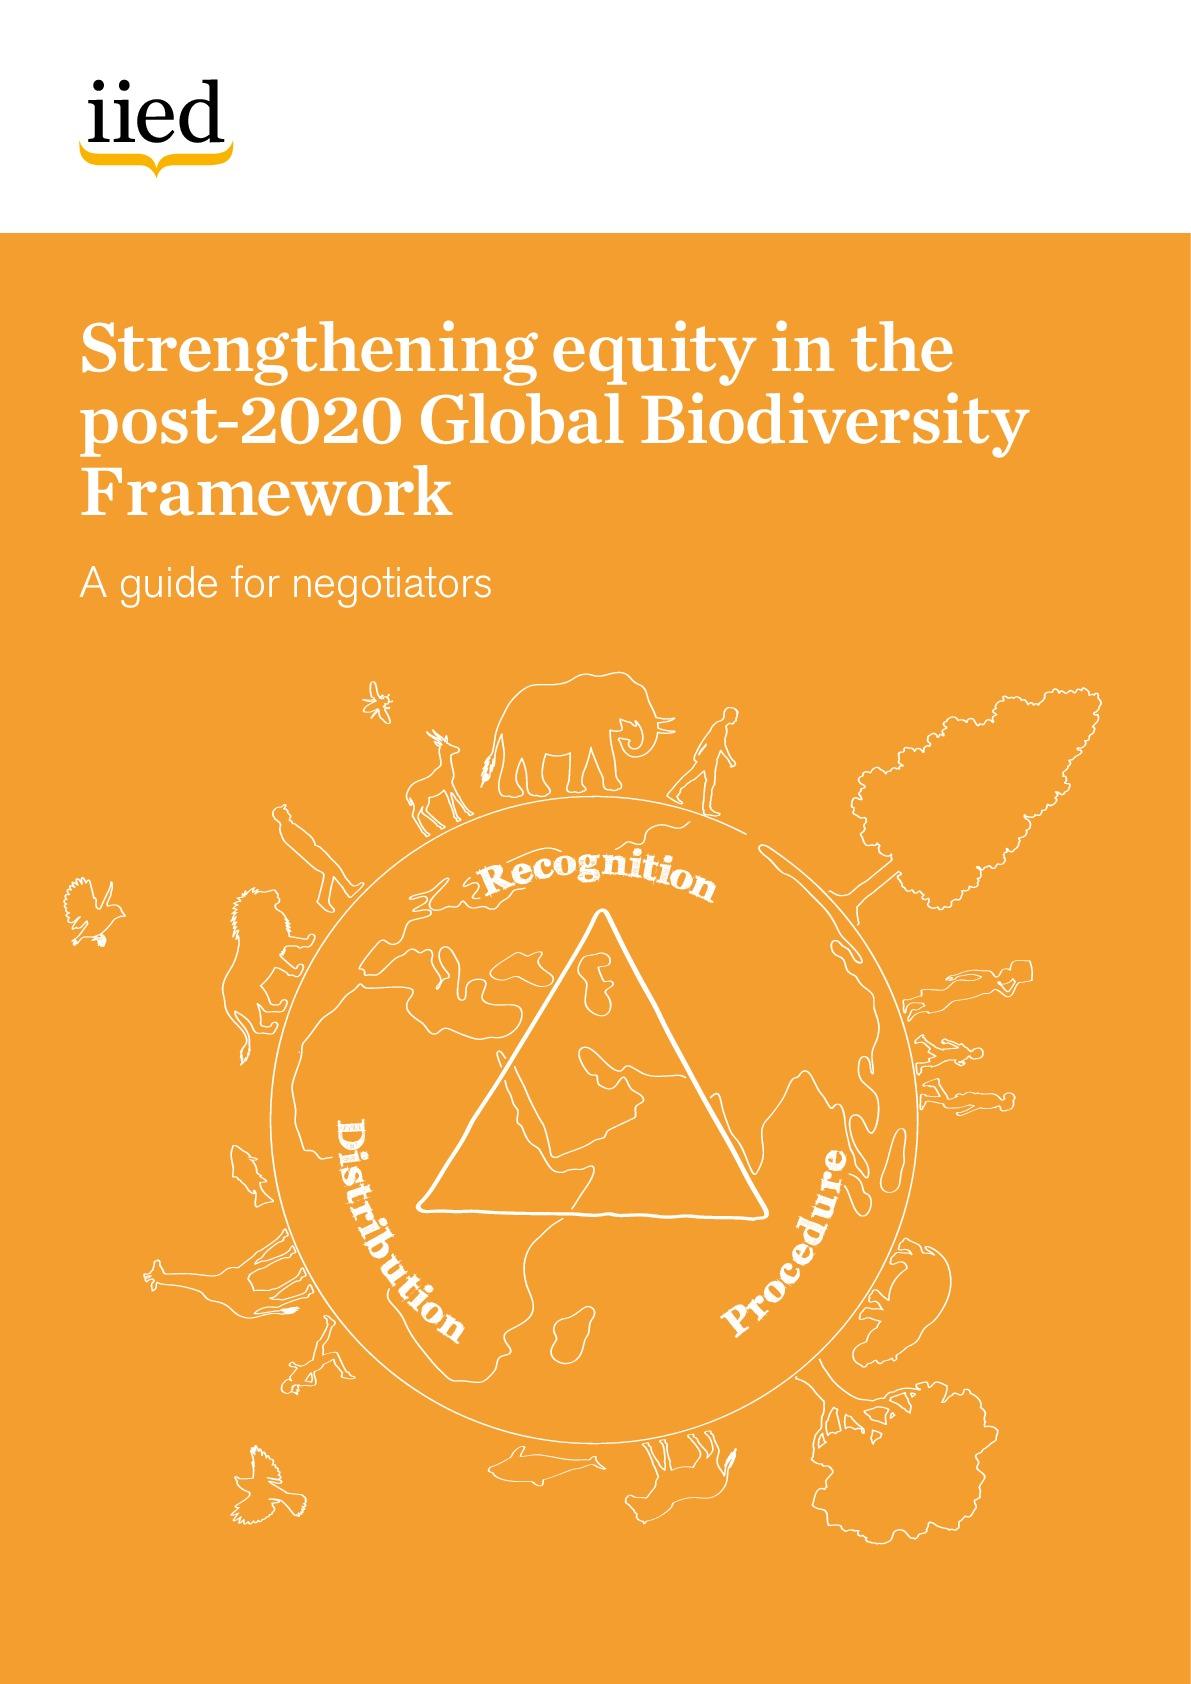 Strengthening equity in the post-2020 Global Biodiversity Framework